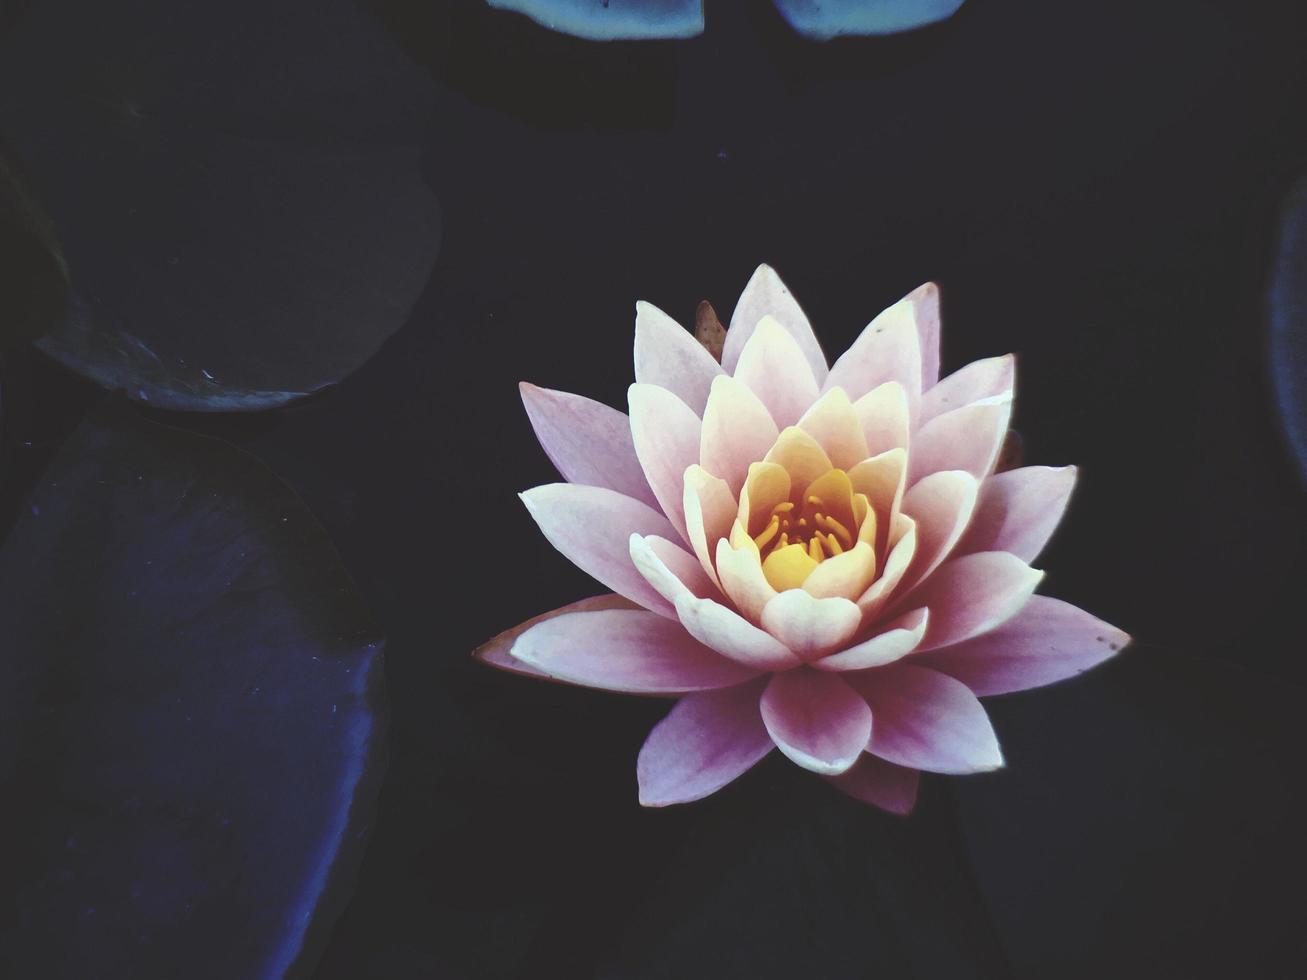 fleur de nénuphar rose en pleine floraison photo